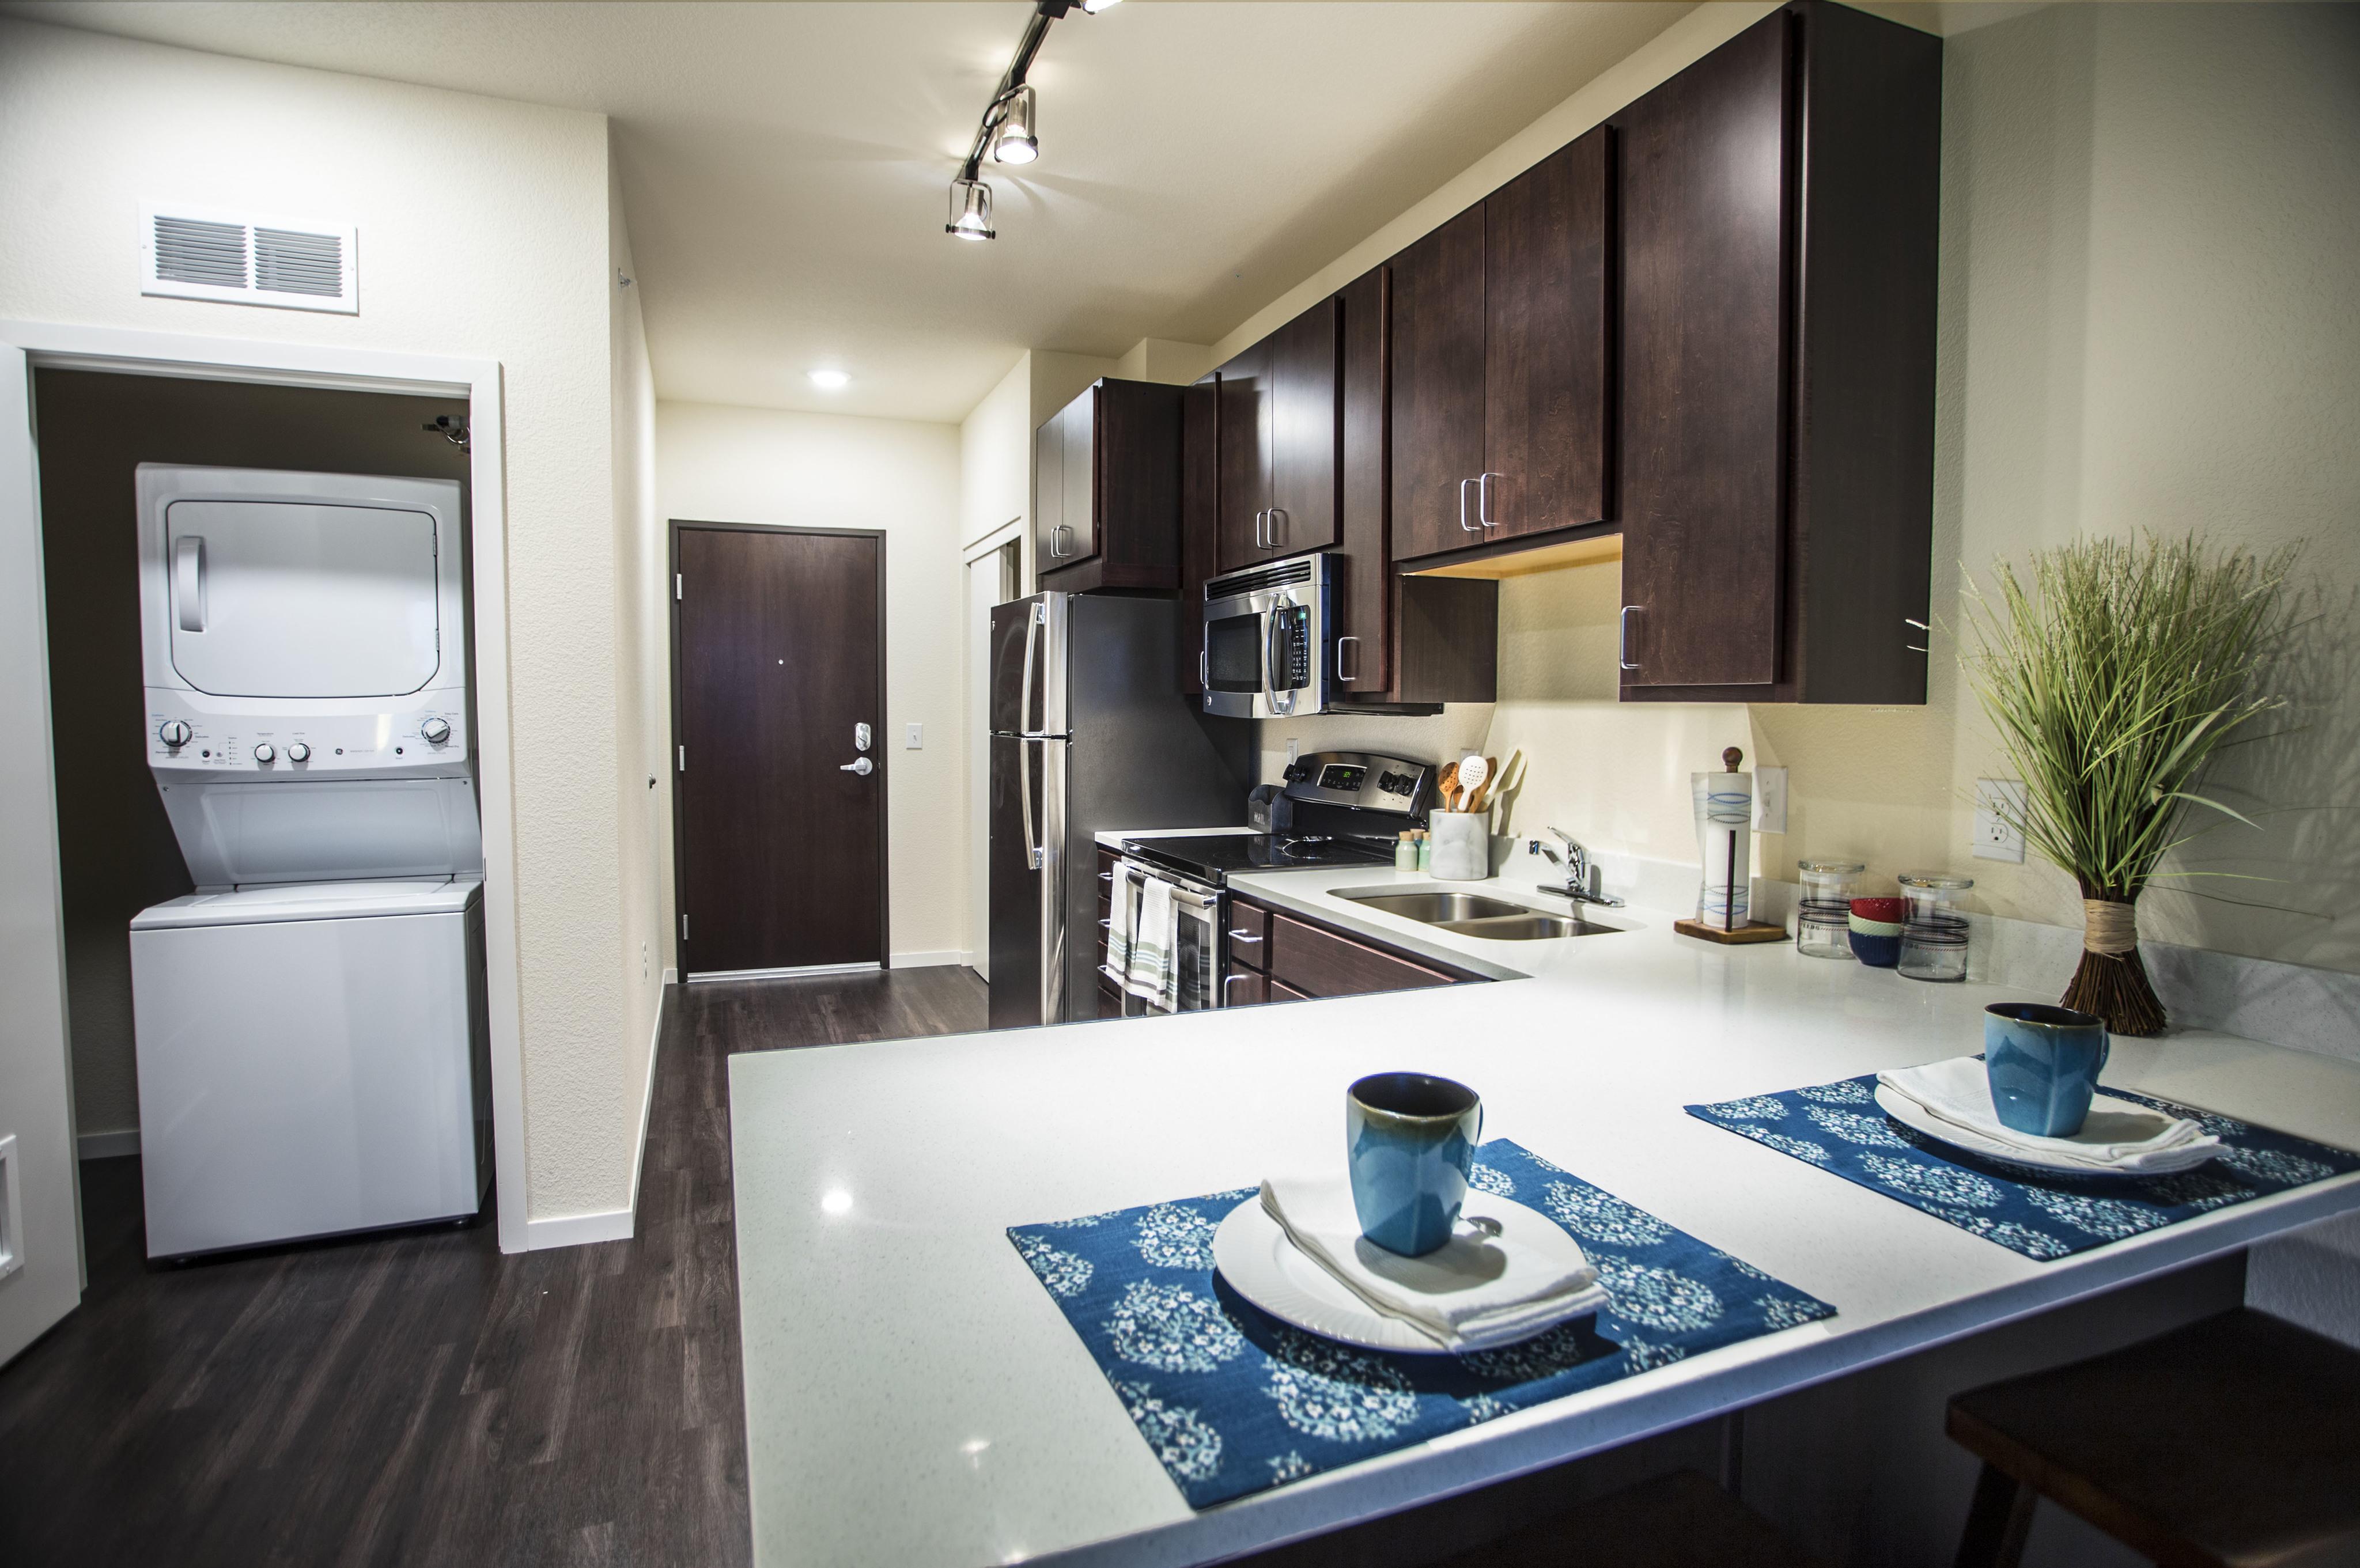 WaHu Apartments image 3